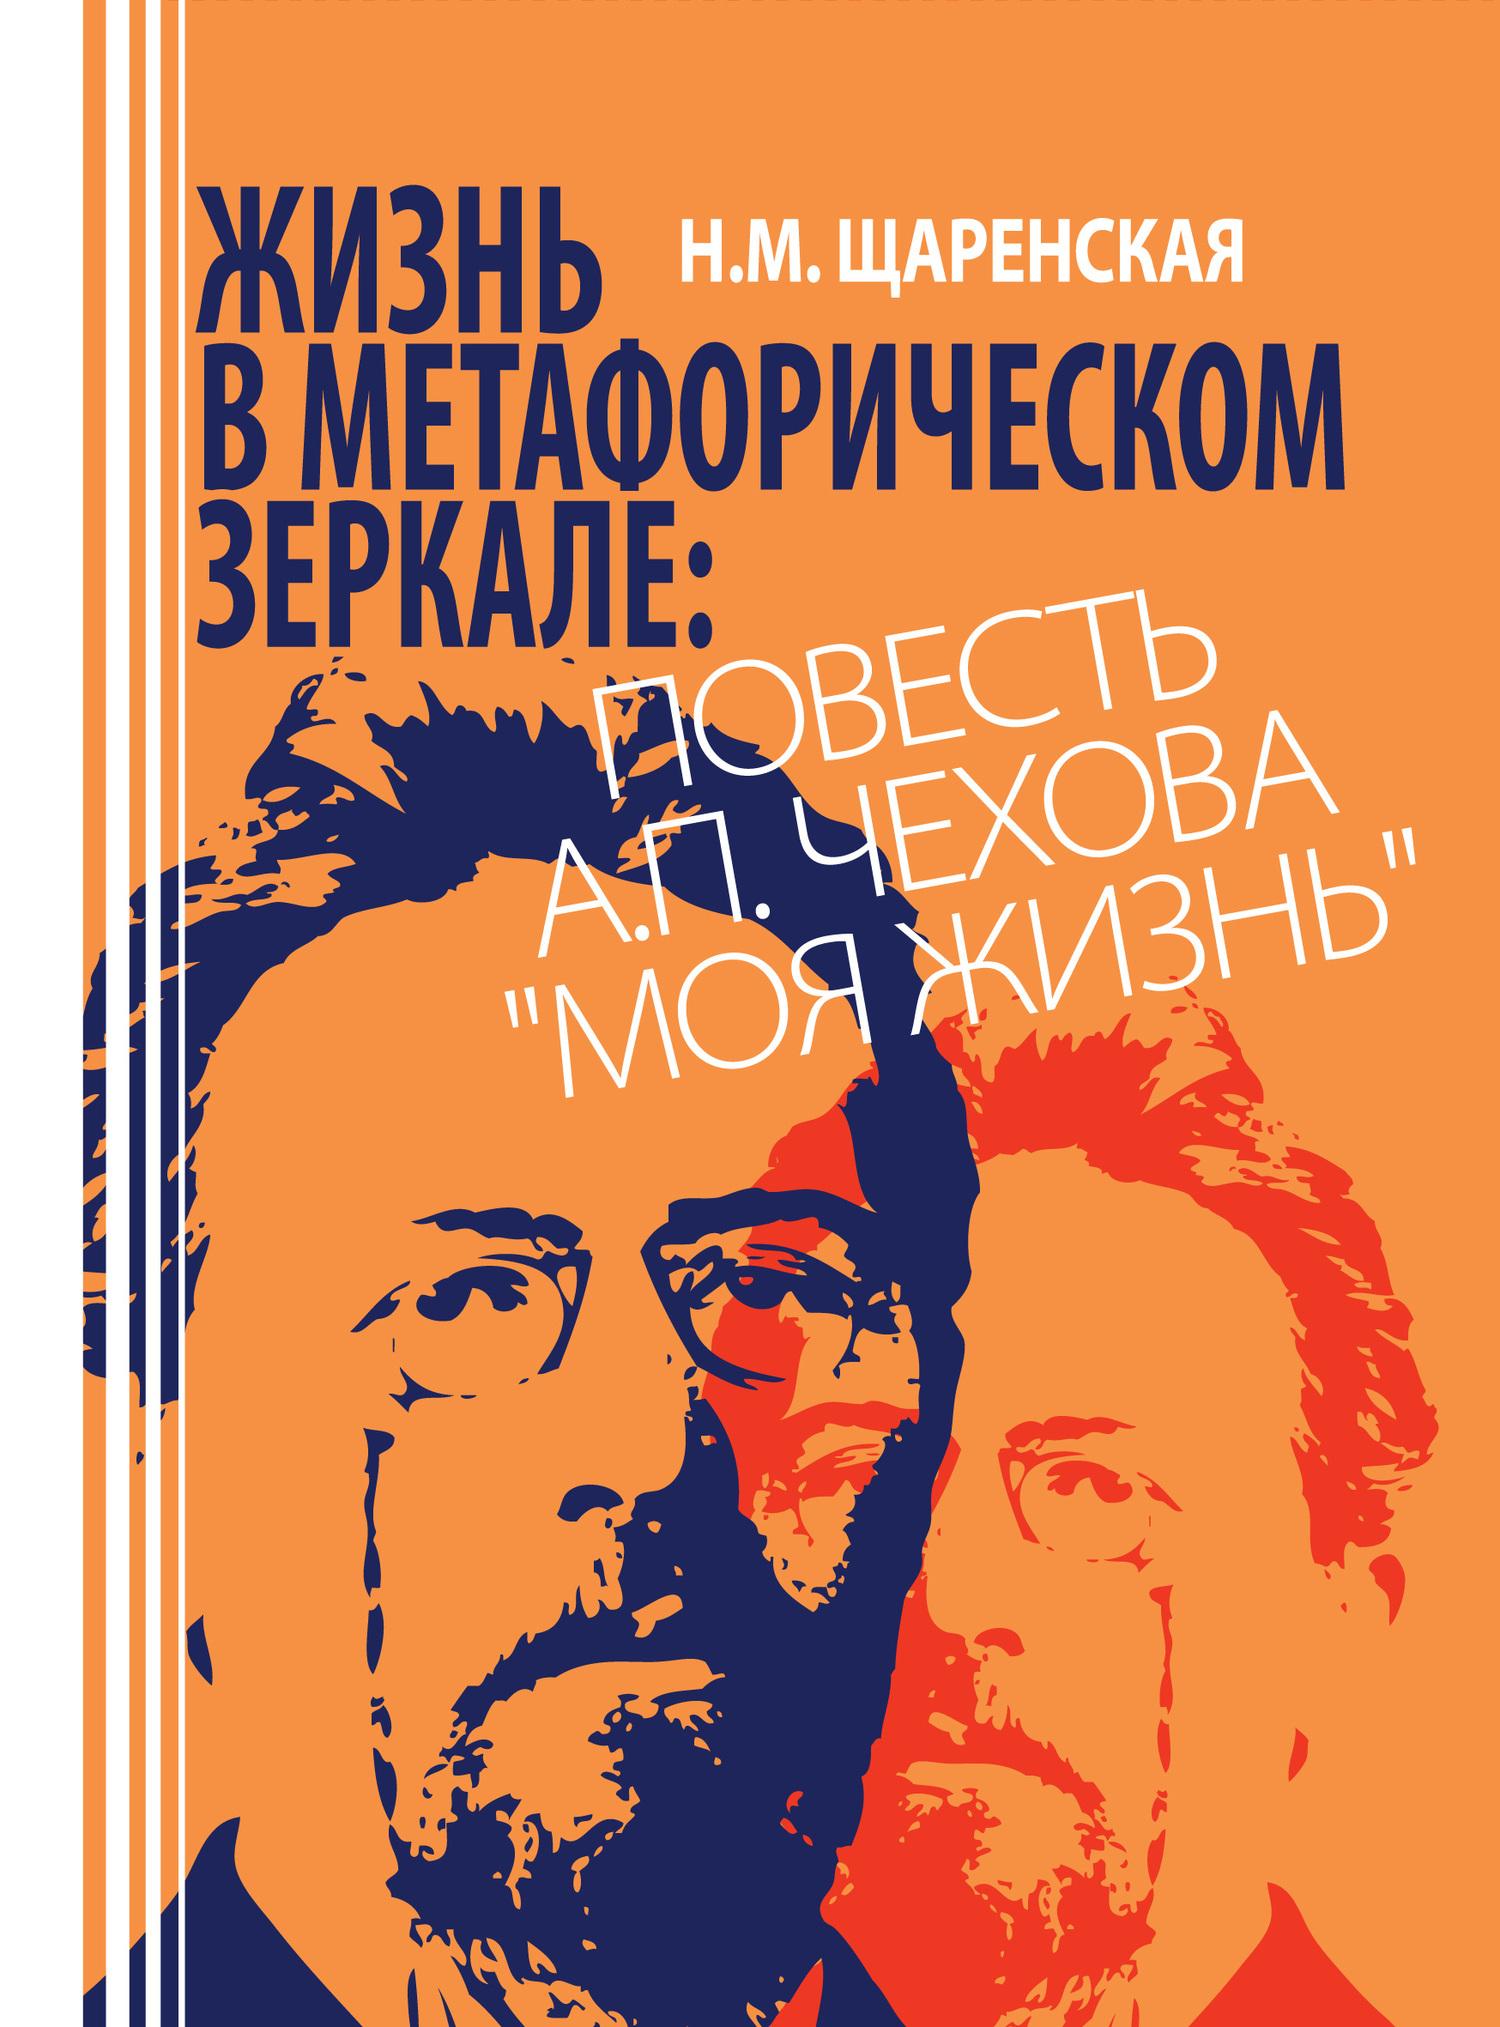 Обложка книги Жизнь в метафорическом зеркале. Повесть А. П. Чехова «Моя жизнь», автор Н. М. Щаренская